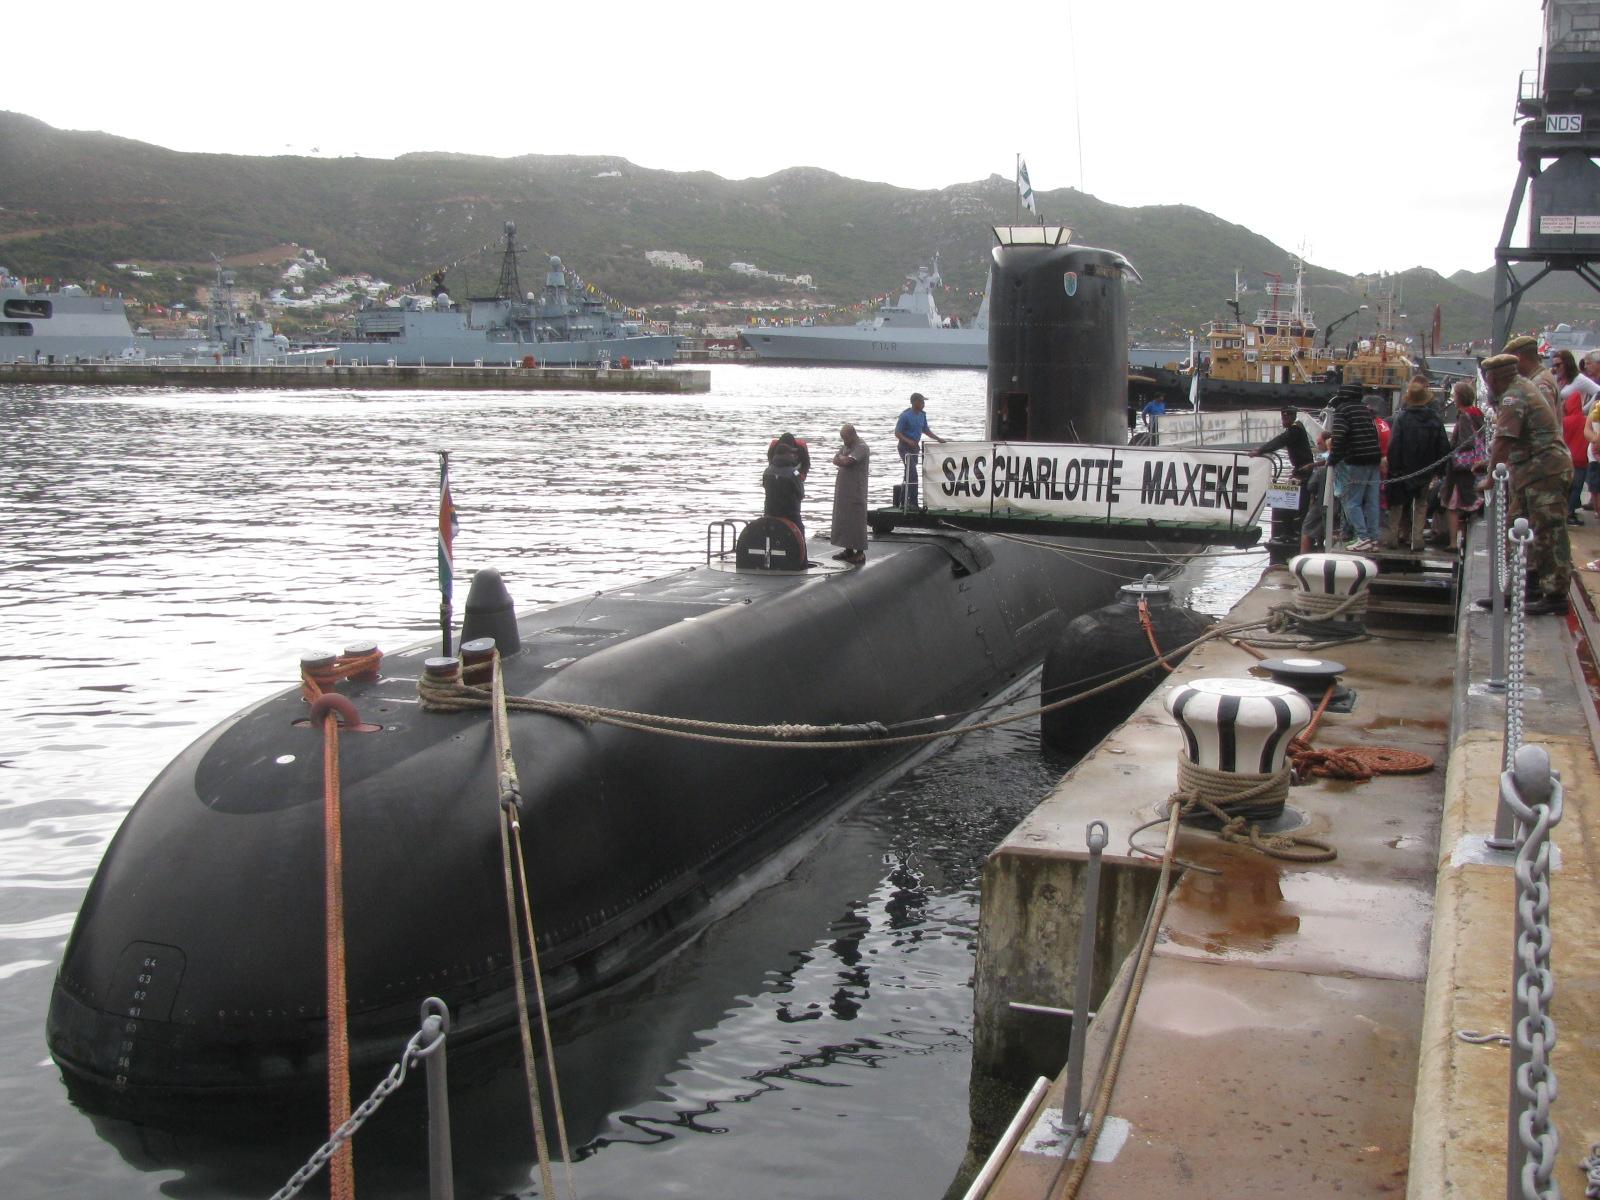 Reforma de meia-vida em submarinos! 'SA Navy' opta por revitalização dos IKL-209 em casa, e sofre com atrasos devido à falta de recursos e às esperas por sobressalentes